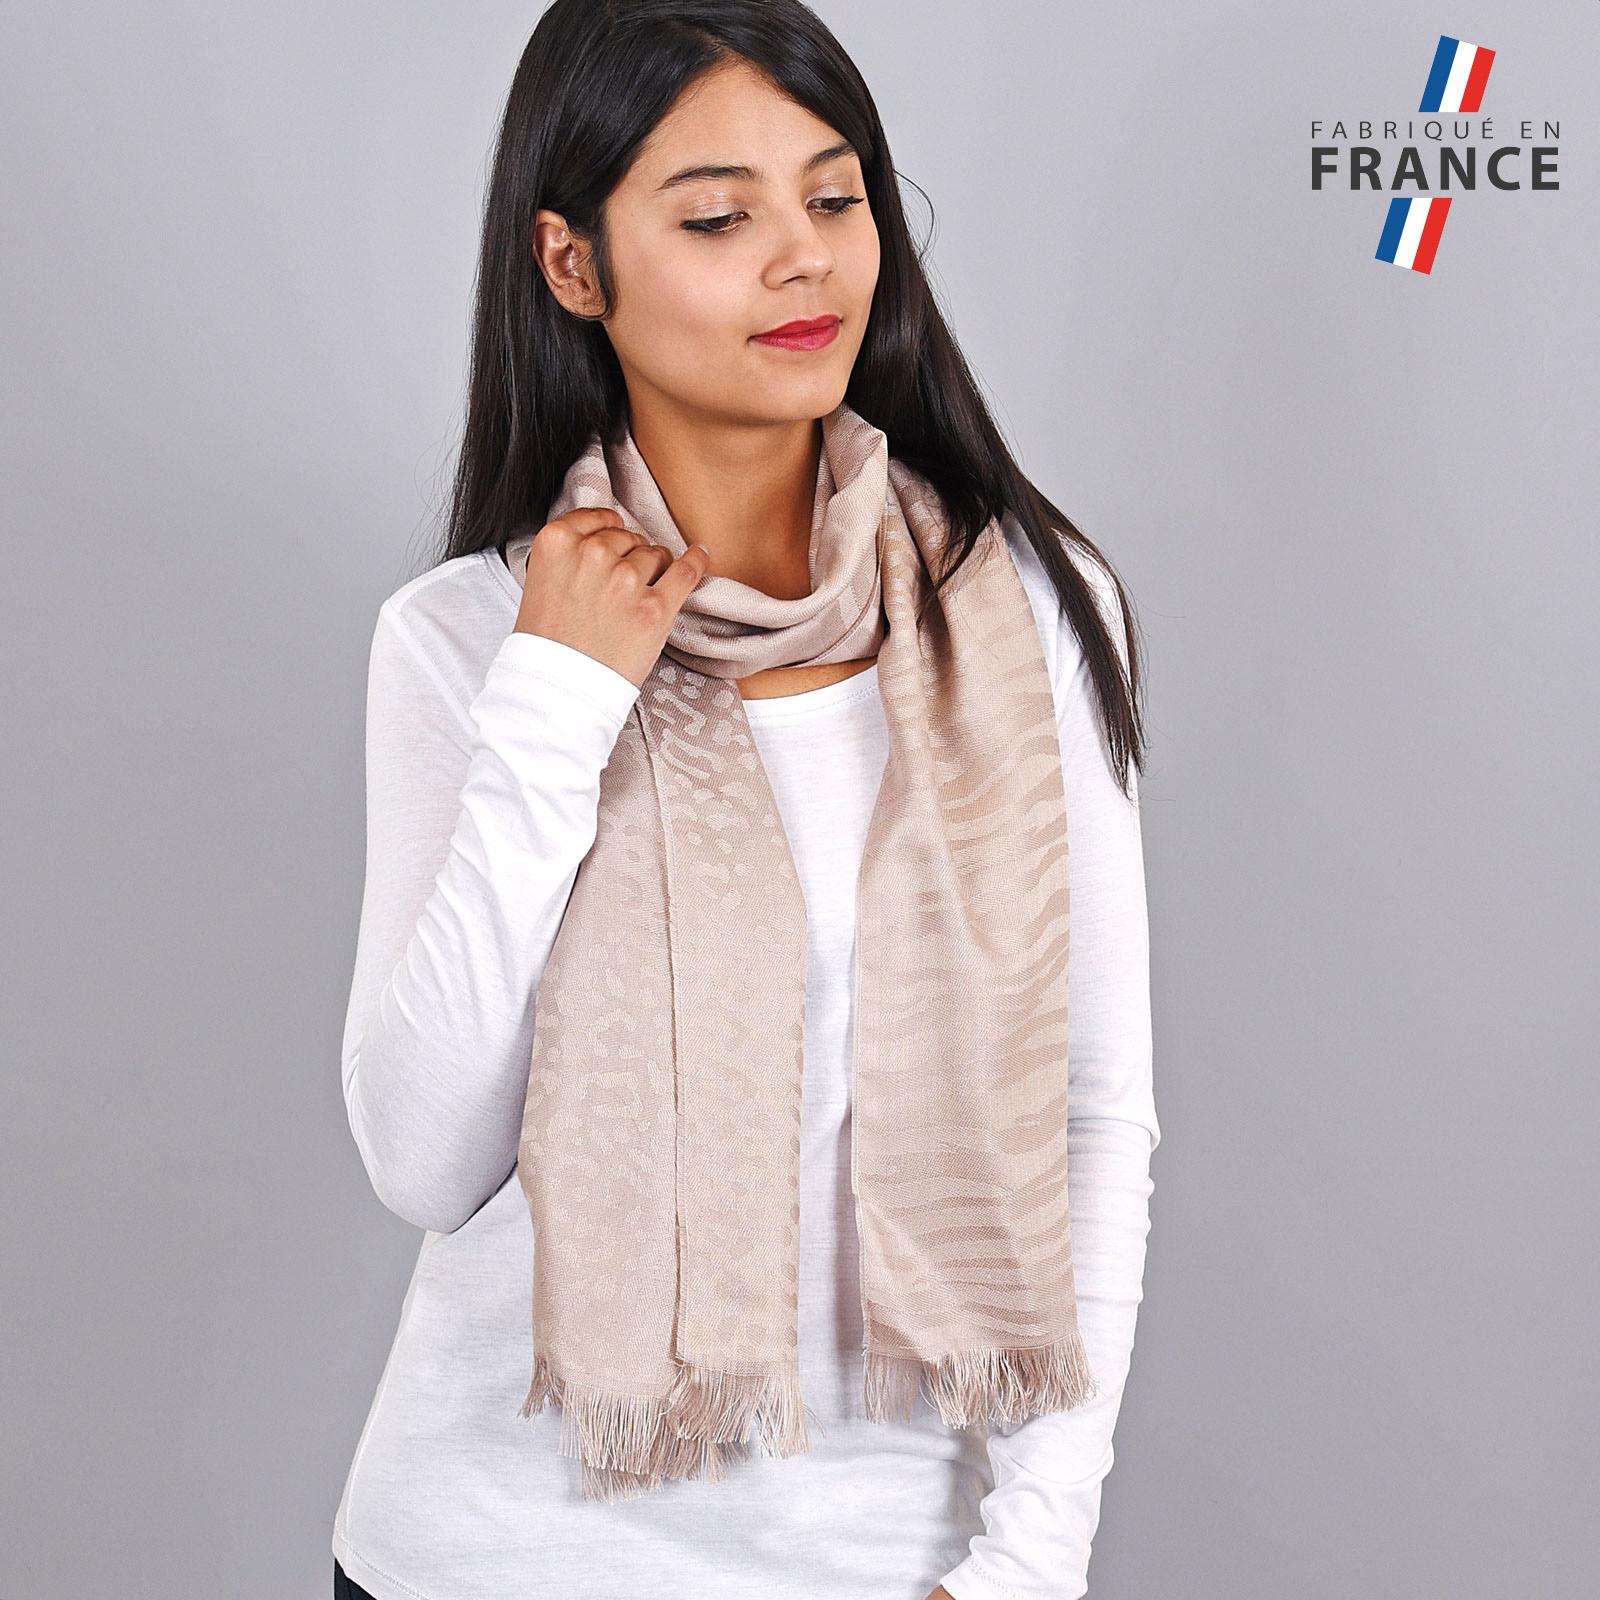 AT-04258-VF16-LB_FR-echarpe-legere-beige-paillettes-qualicoq